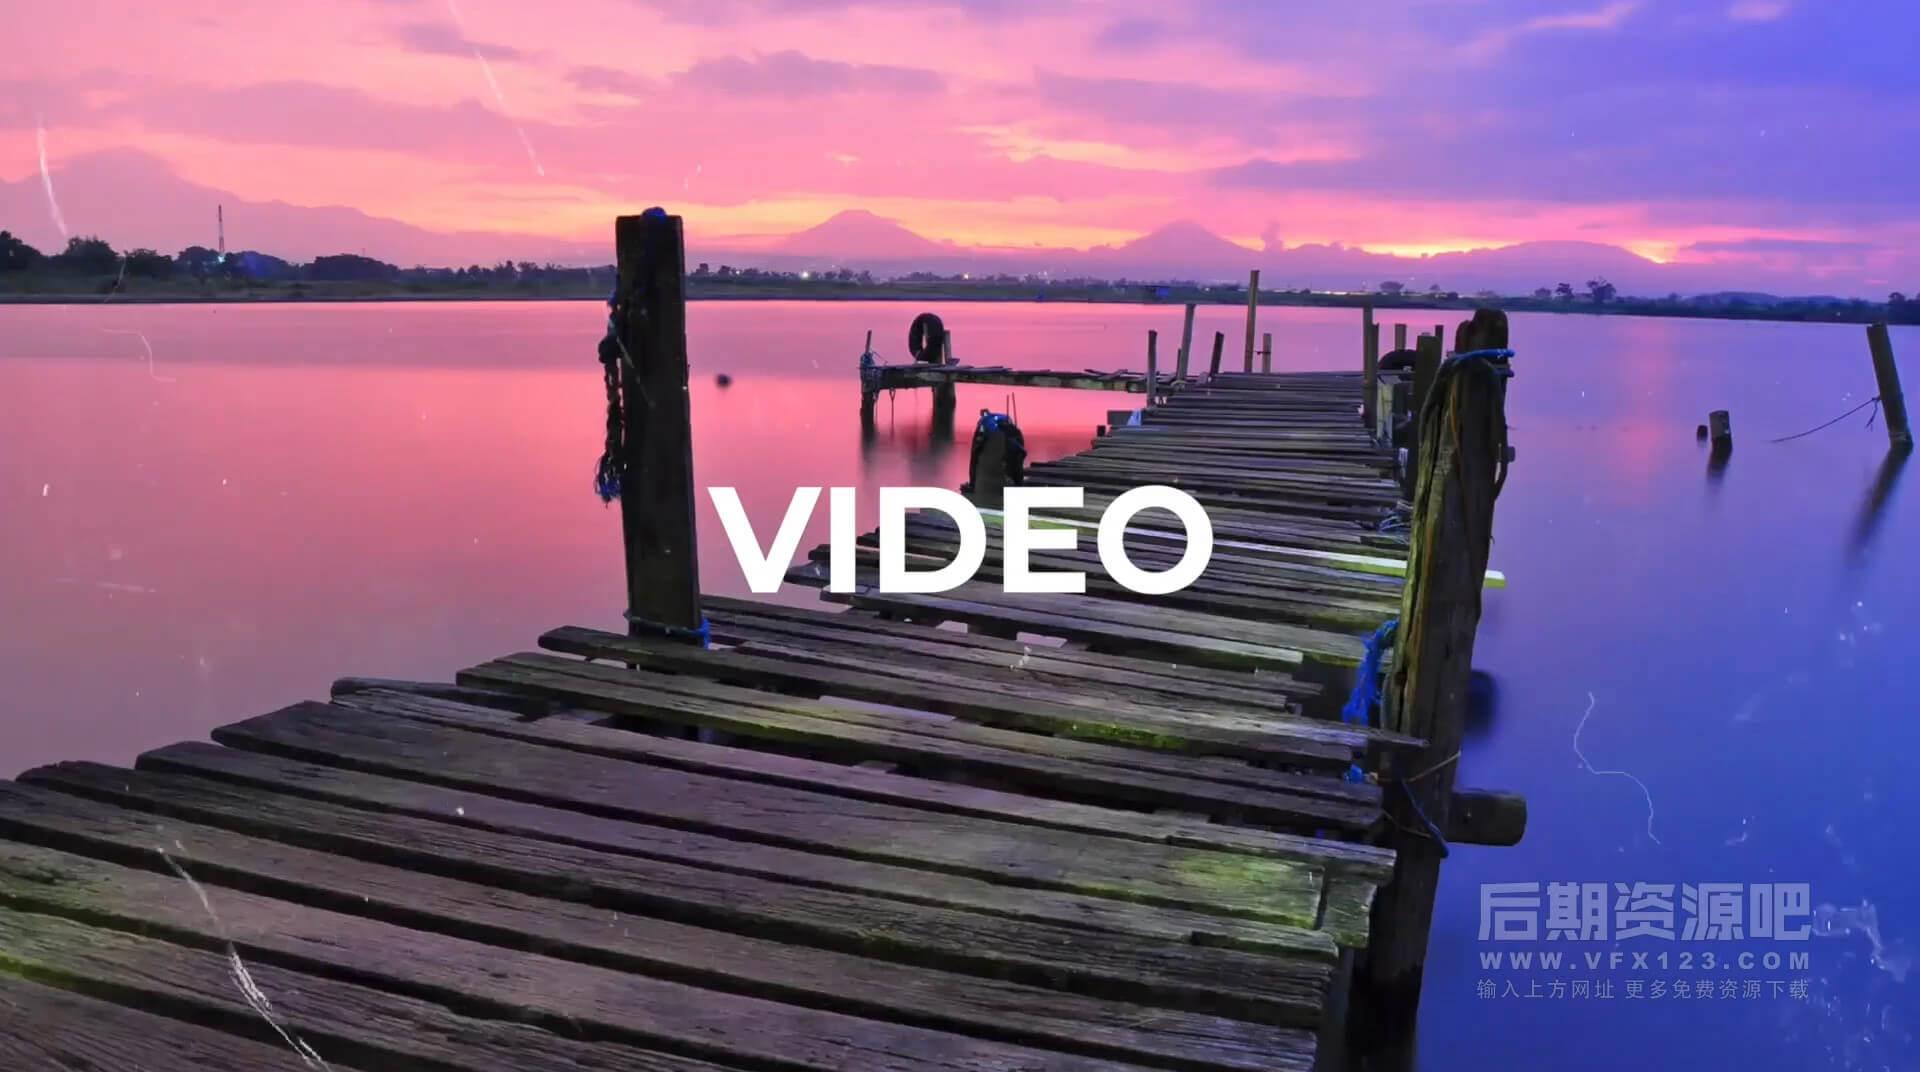 Fcpx主题模板 4K快速切换动态幻灯片Vlog片头插件 Fast Dynamic Slideshow